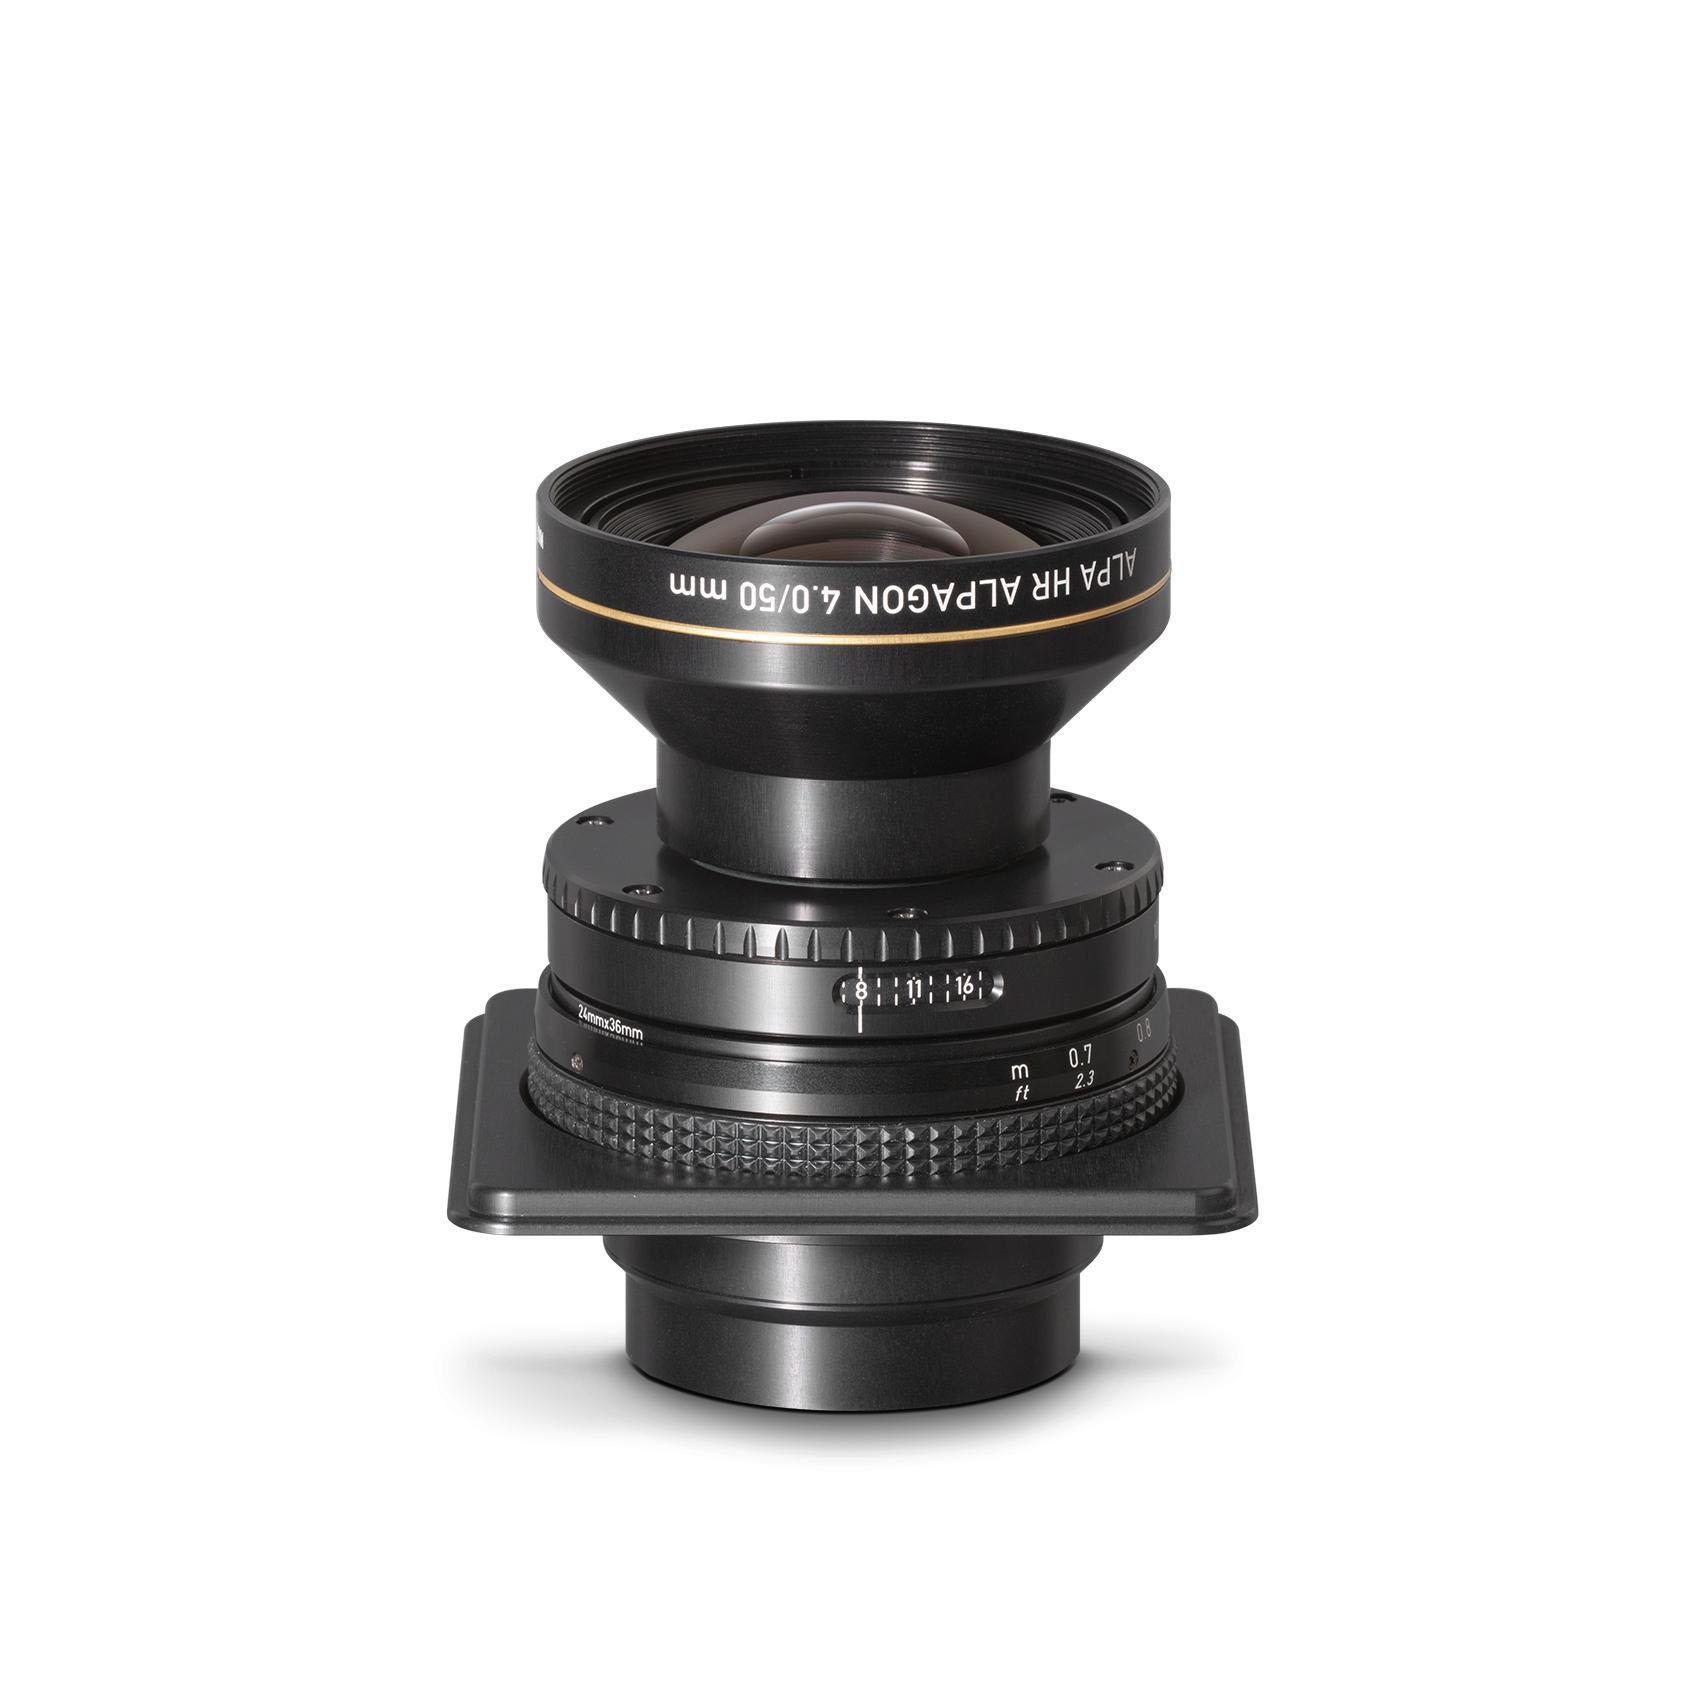 ALPA HR Alpagon 4.0/50 mm